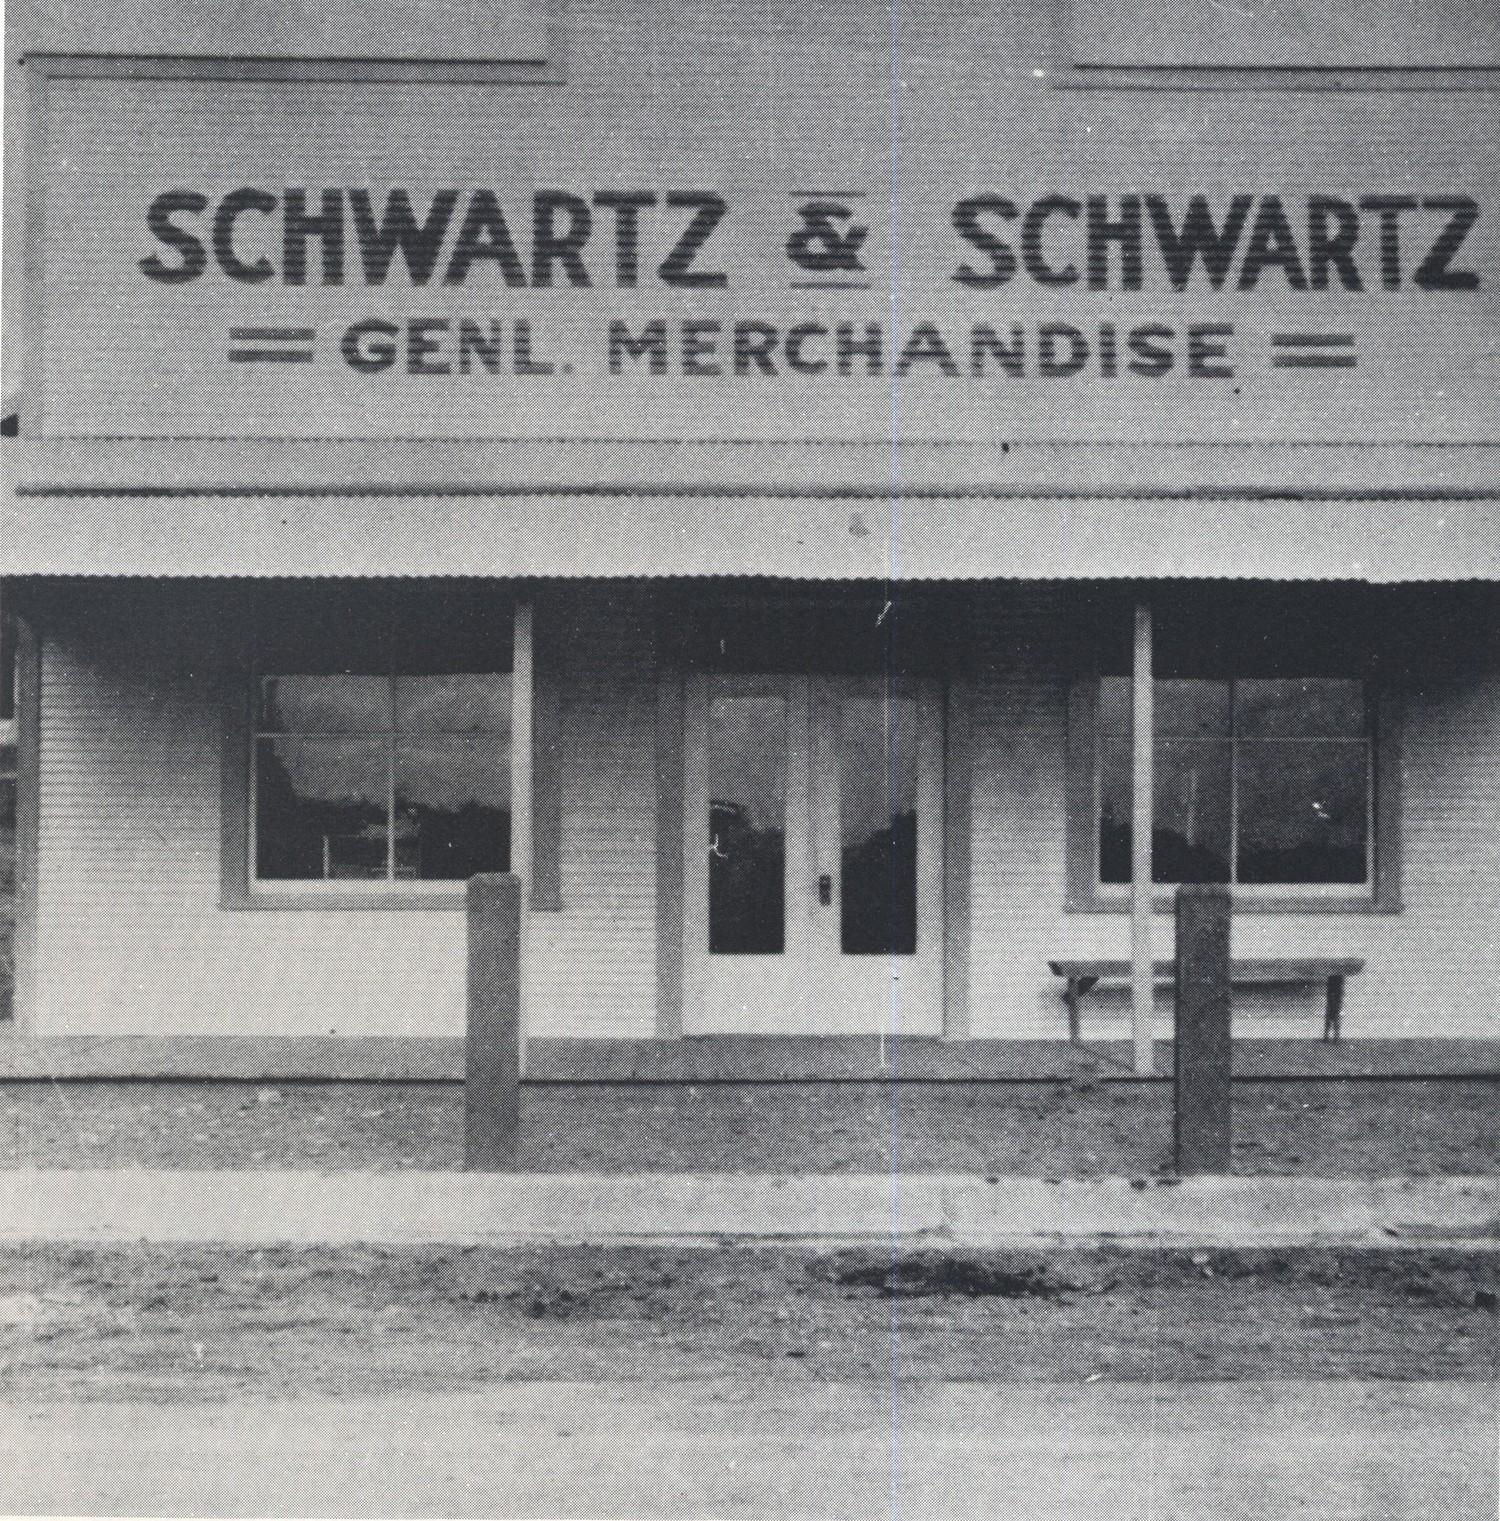 Schwartz & Schwartz Store, 1920s.